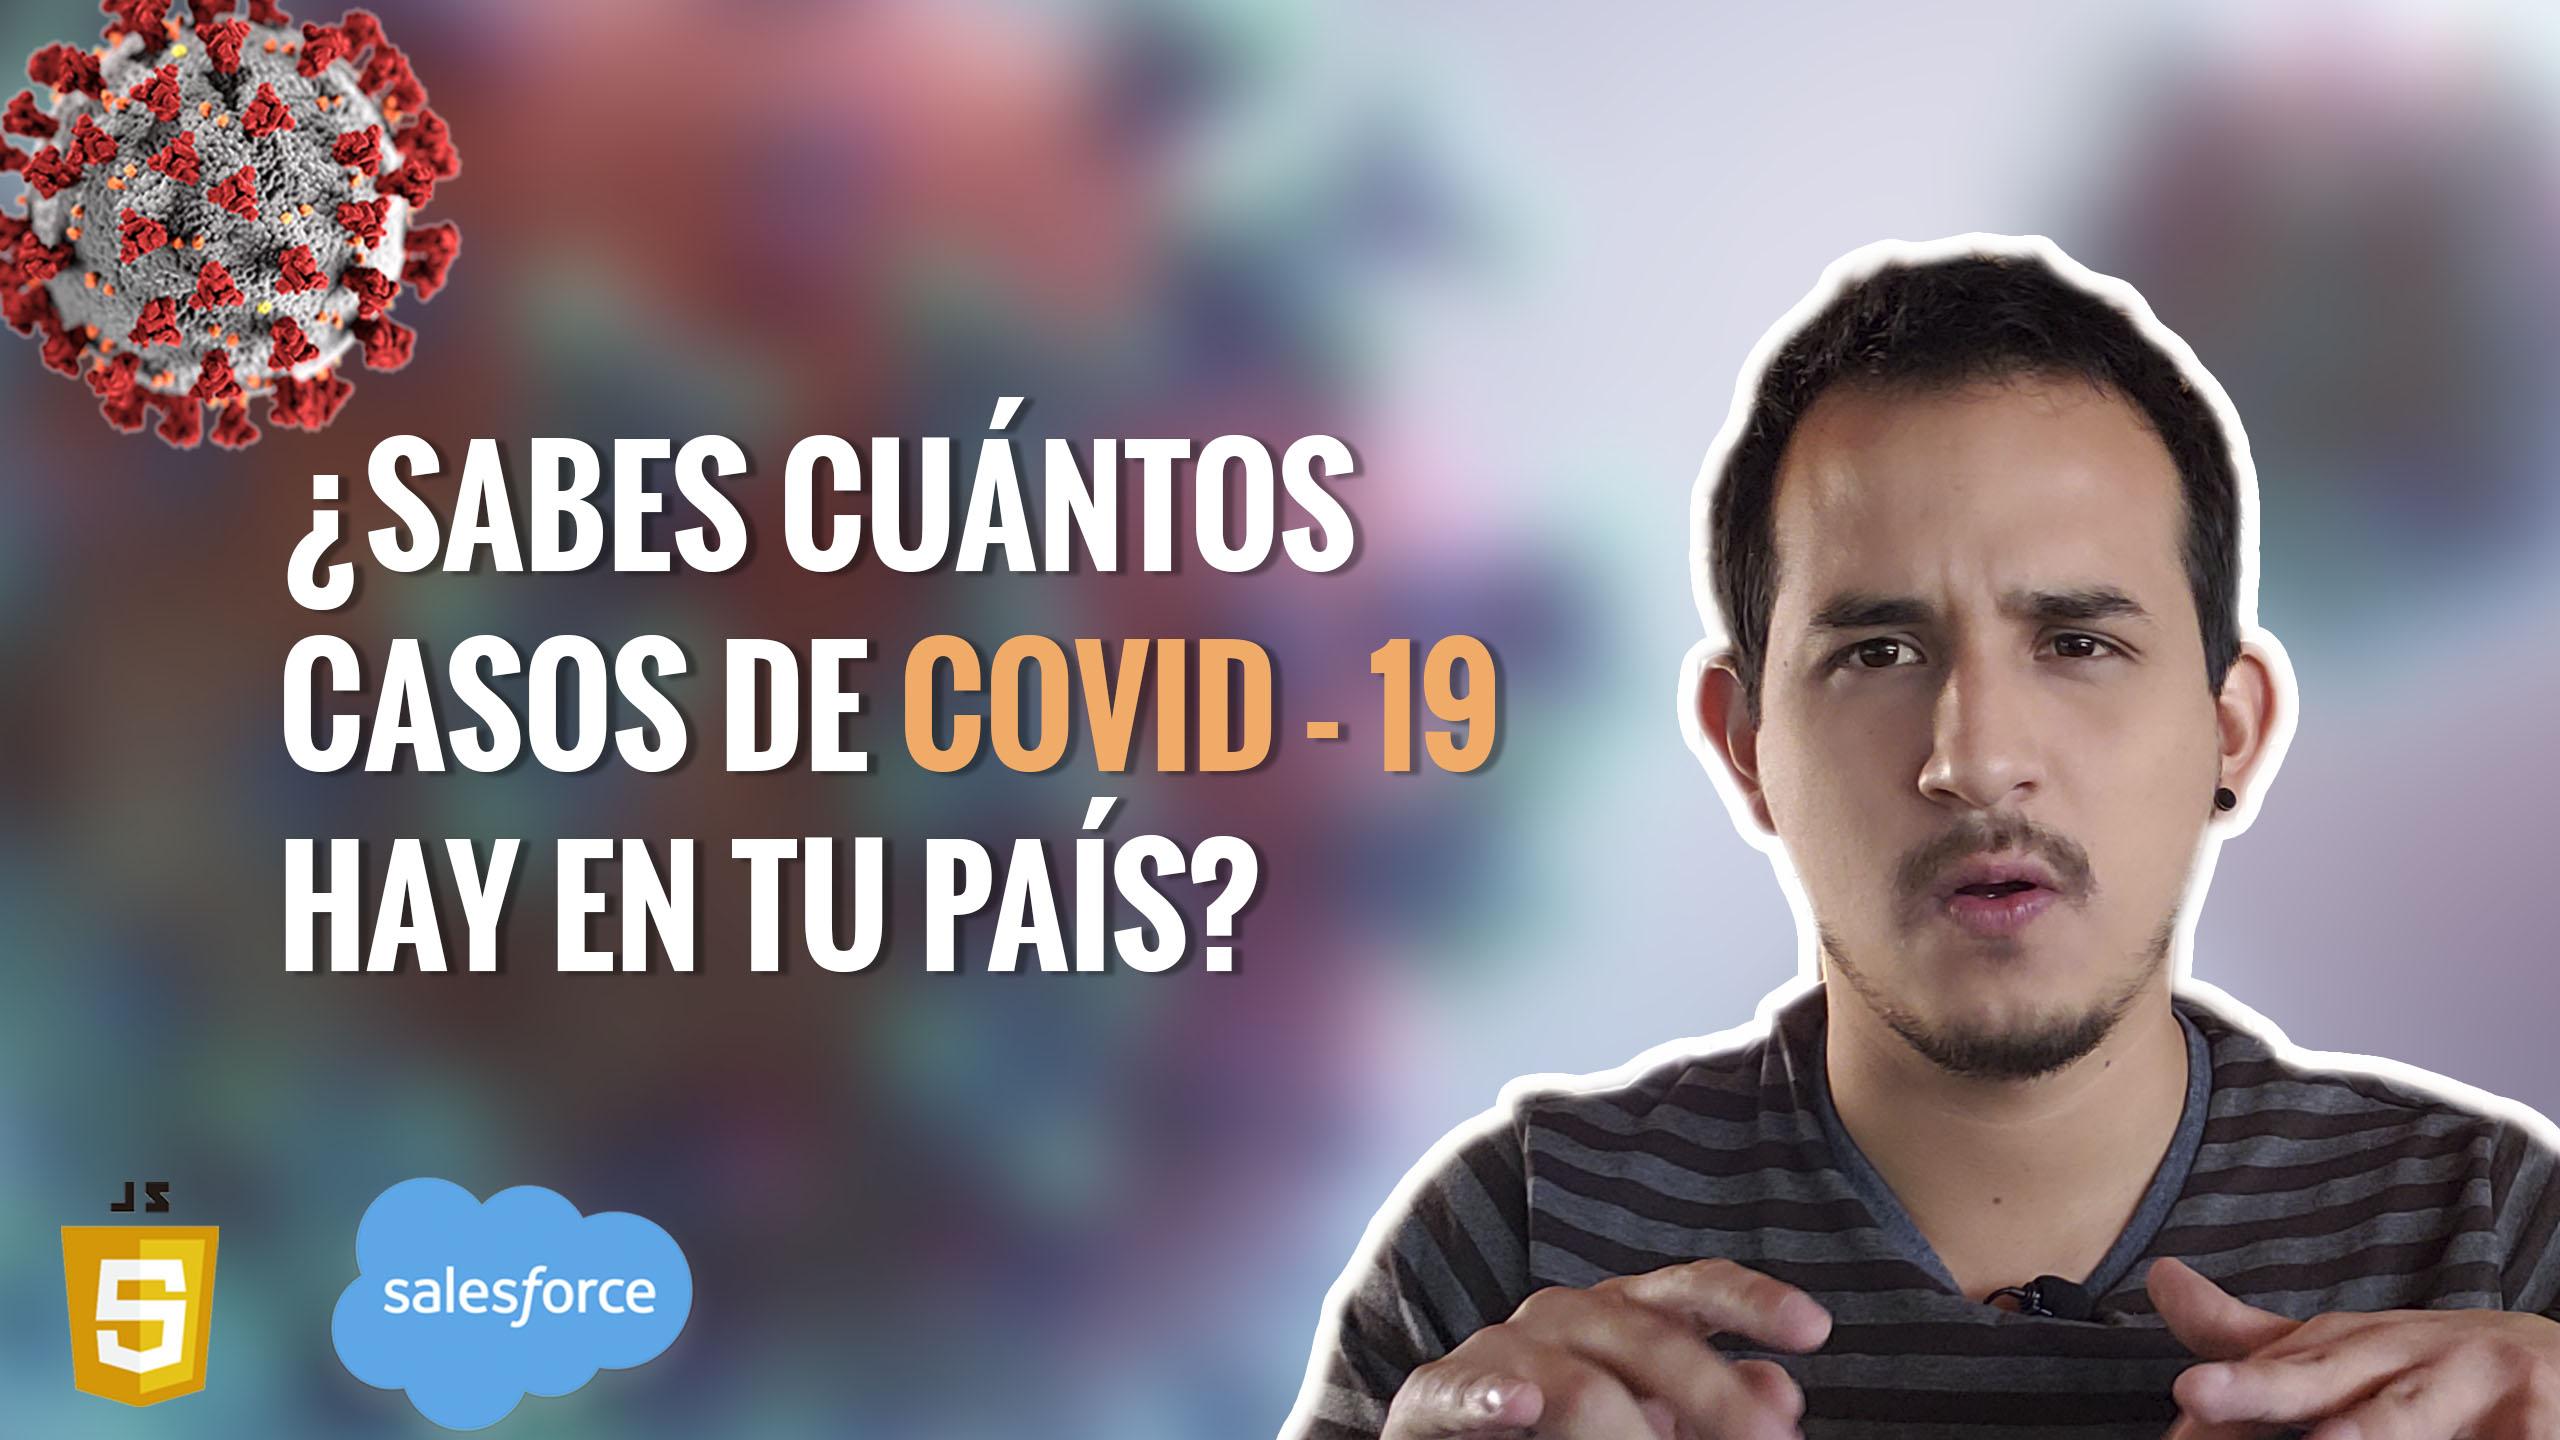 Aplicación para saber cuántos casos de COVID-19 hay en tu país – Salesforce lwc con Javascript